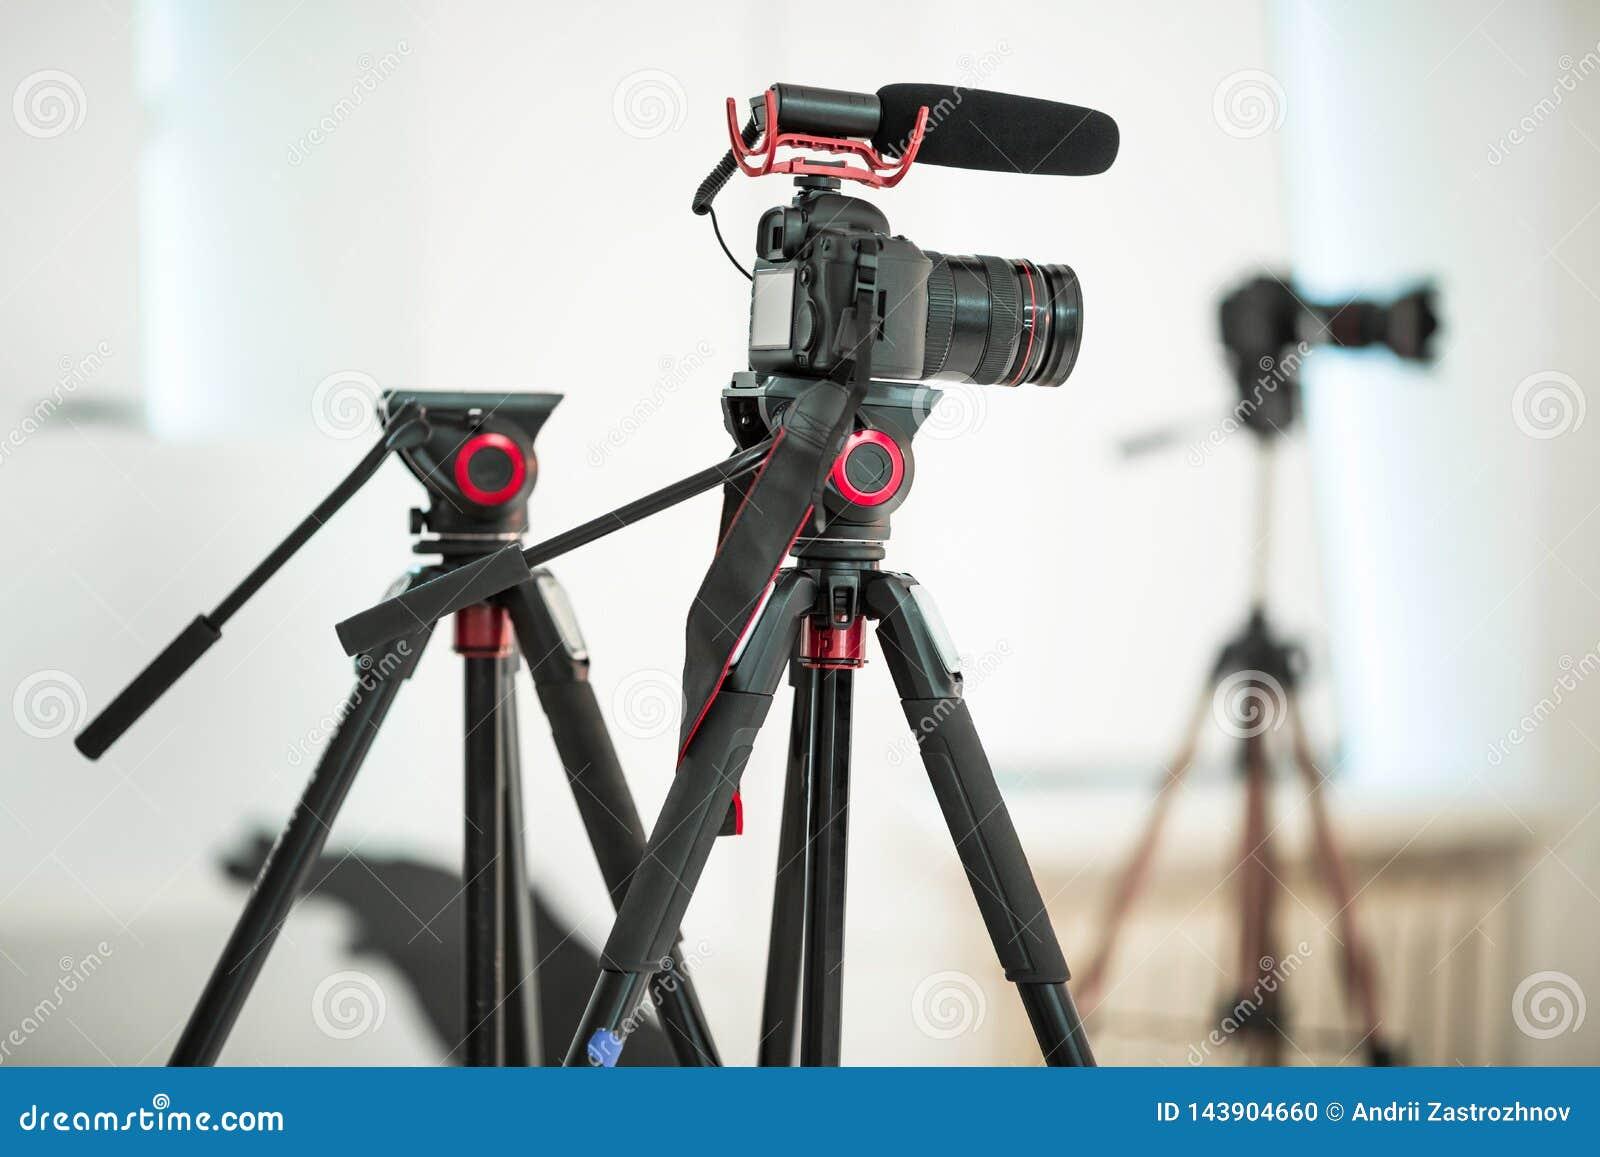 Konzeptinterview, Digitalkamera auf einem Stativ mit einem Mikrofon im Studio auf einem weißen Hintergrund